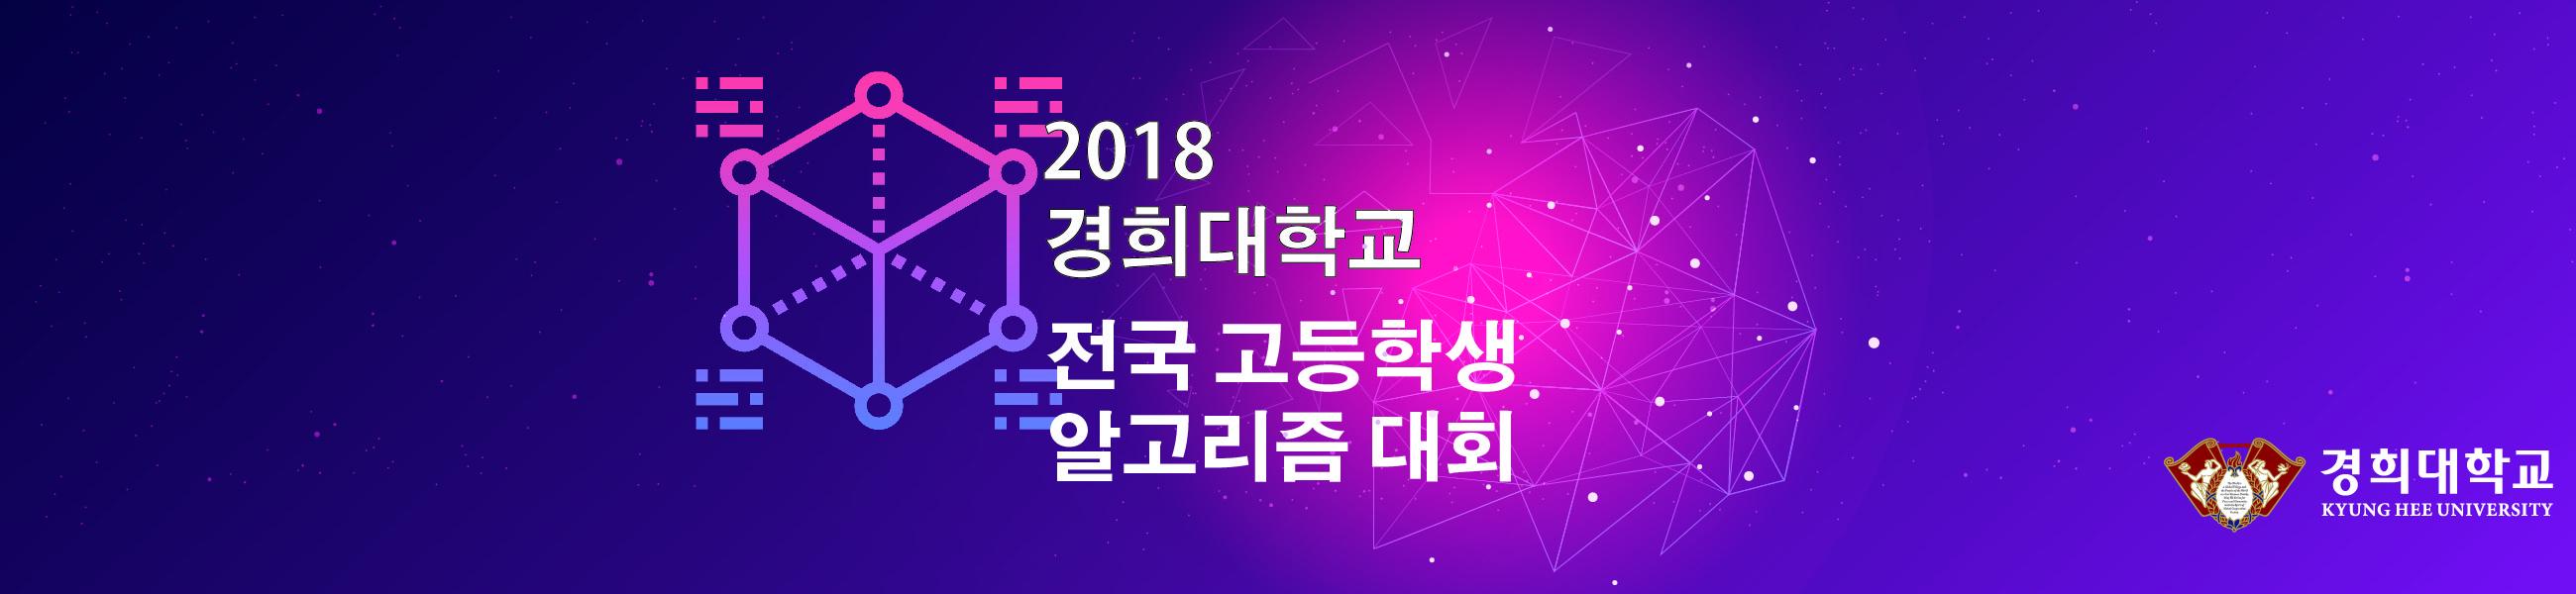 제1회 경희대학교 전국고등학생 알고리즘 경진대회의 이미지